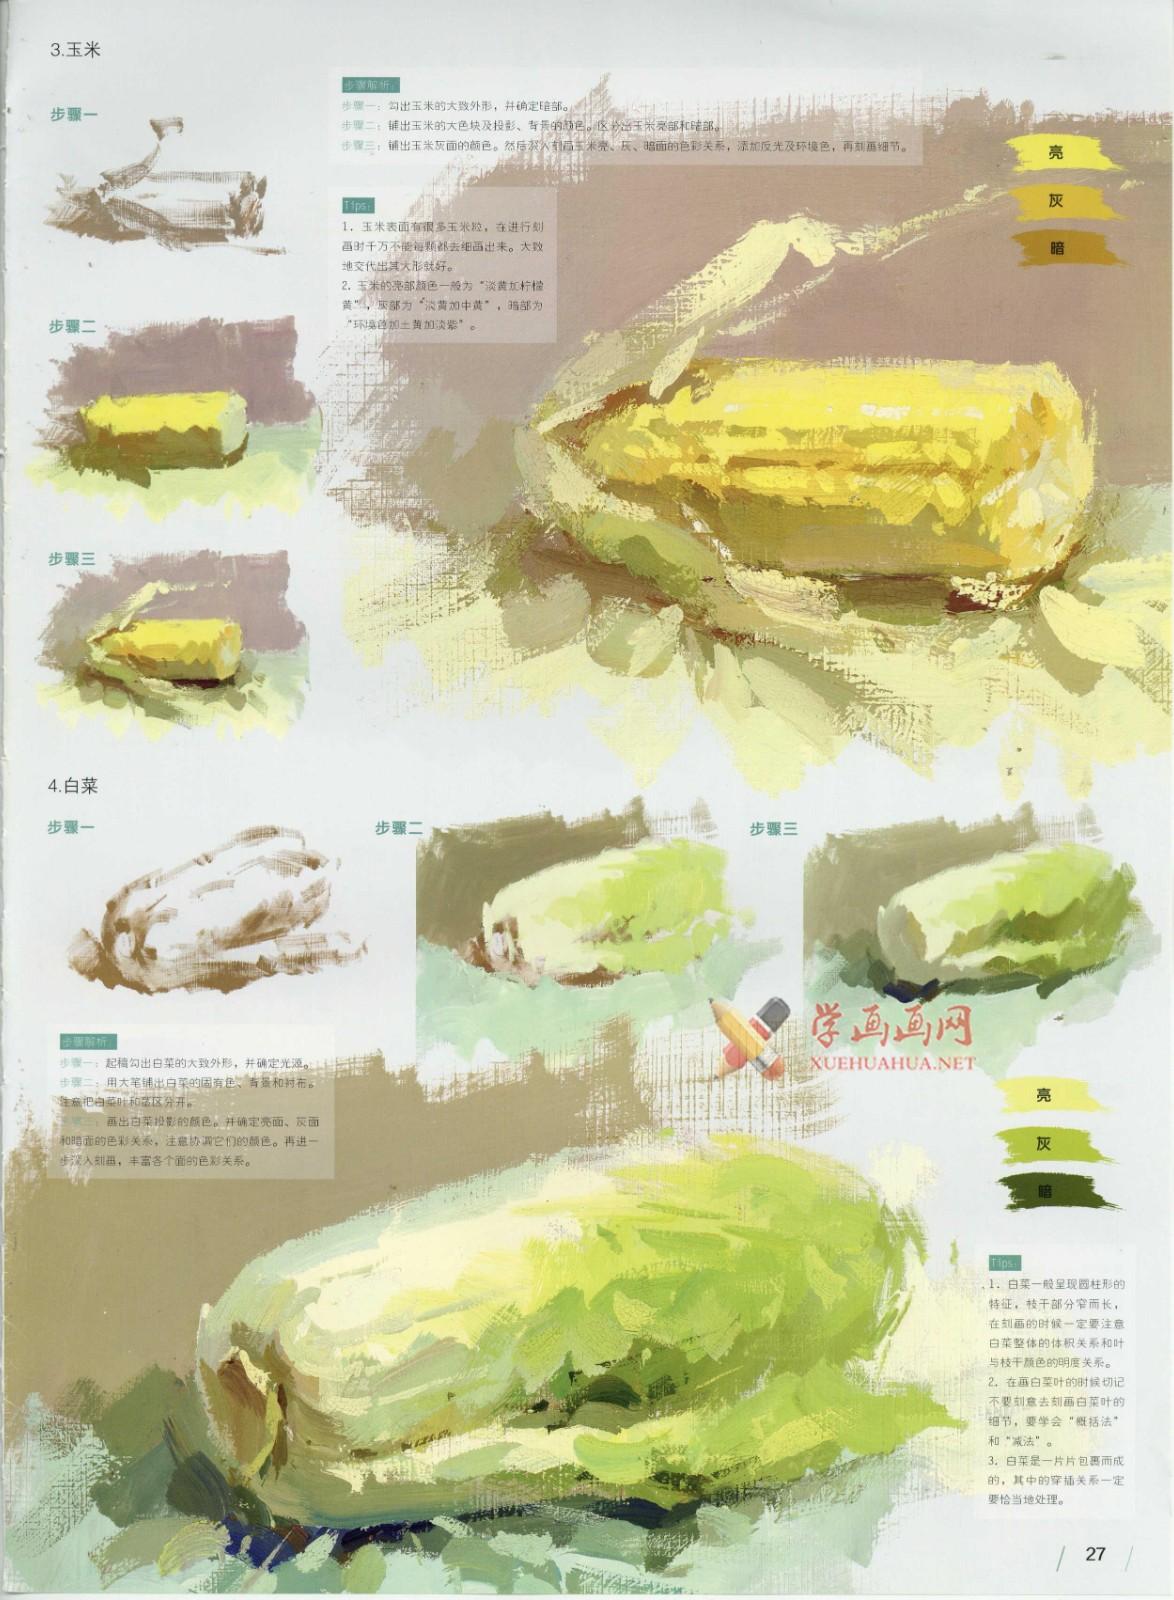 怎么画大白菜?水粉画单体入门教程:大白菜的画法图解及高清范画临摹图片素材(3)